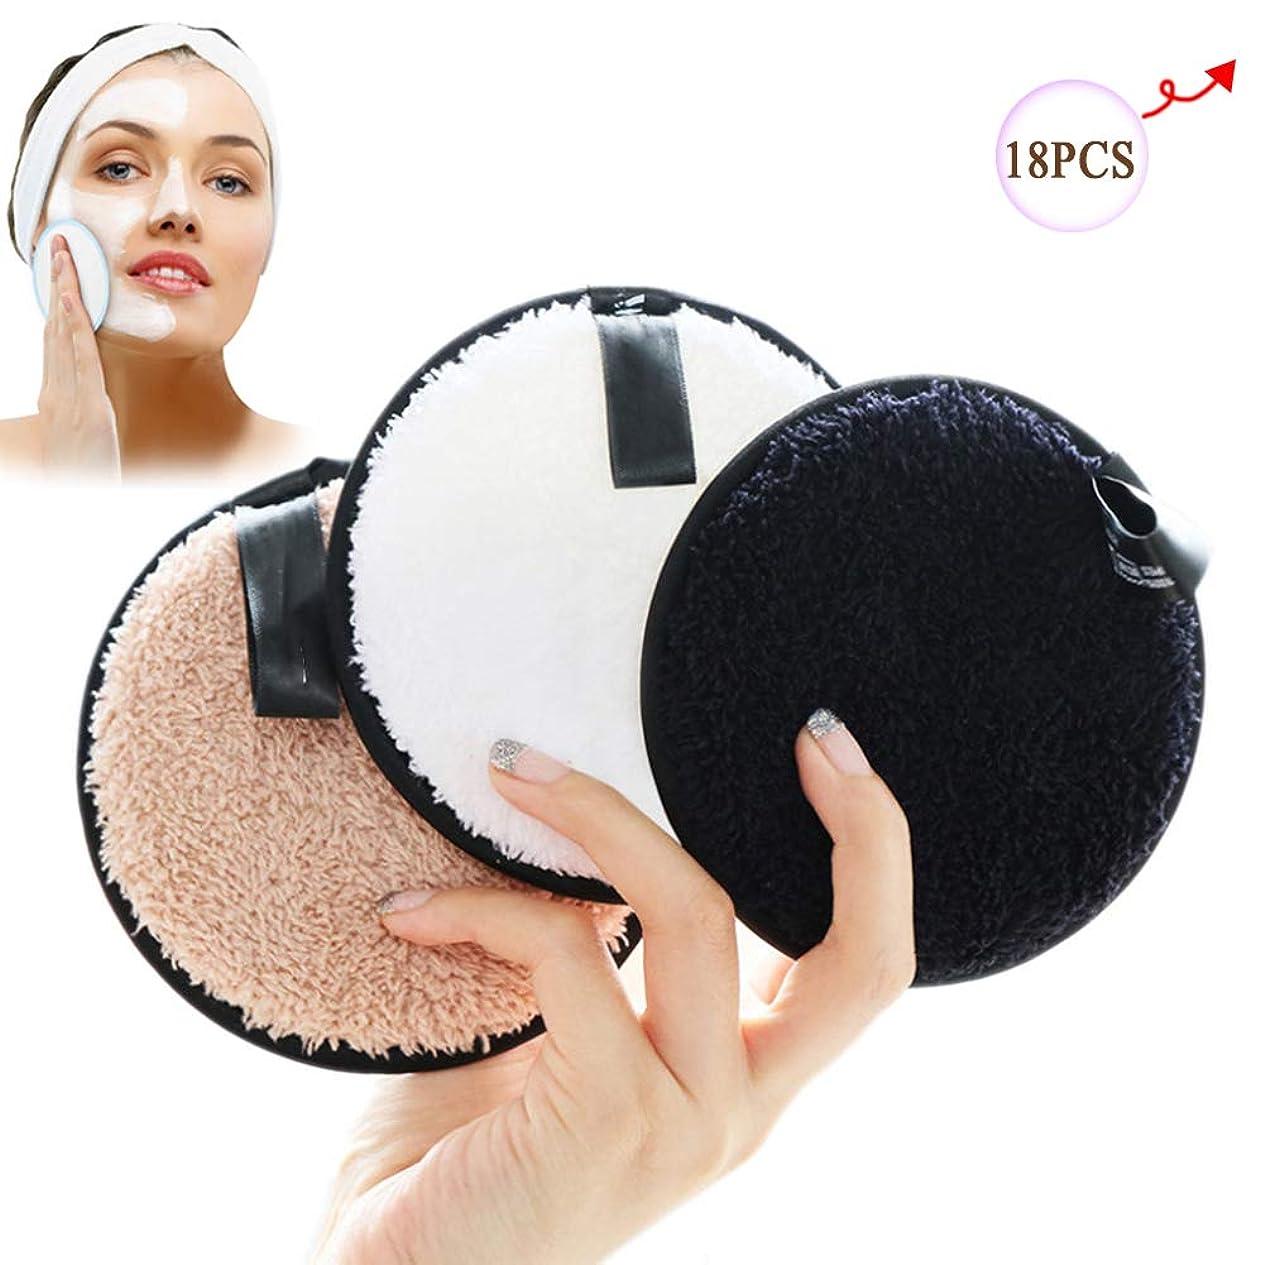 辛な異常な毎回除去剤のパッド、女性の表面/目/唇のための再使用可能な清潔になる綿繊維の構造の除去剤のワイプ,18PCS